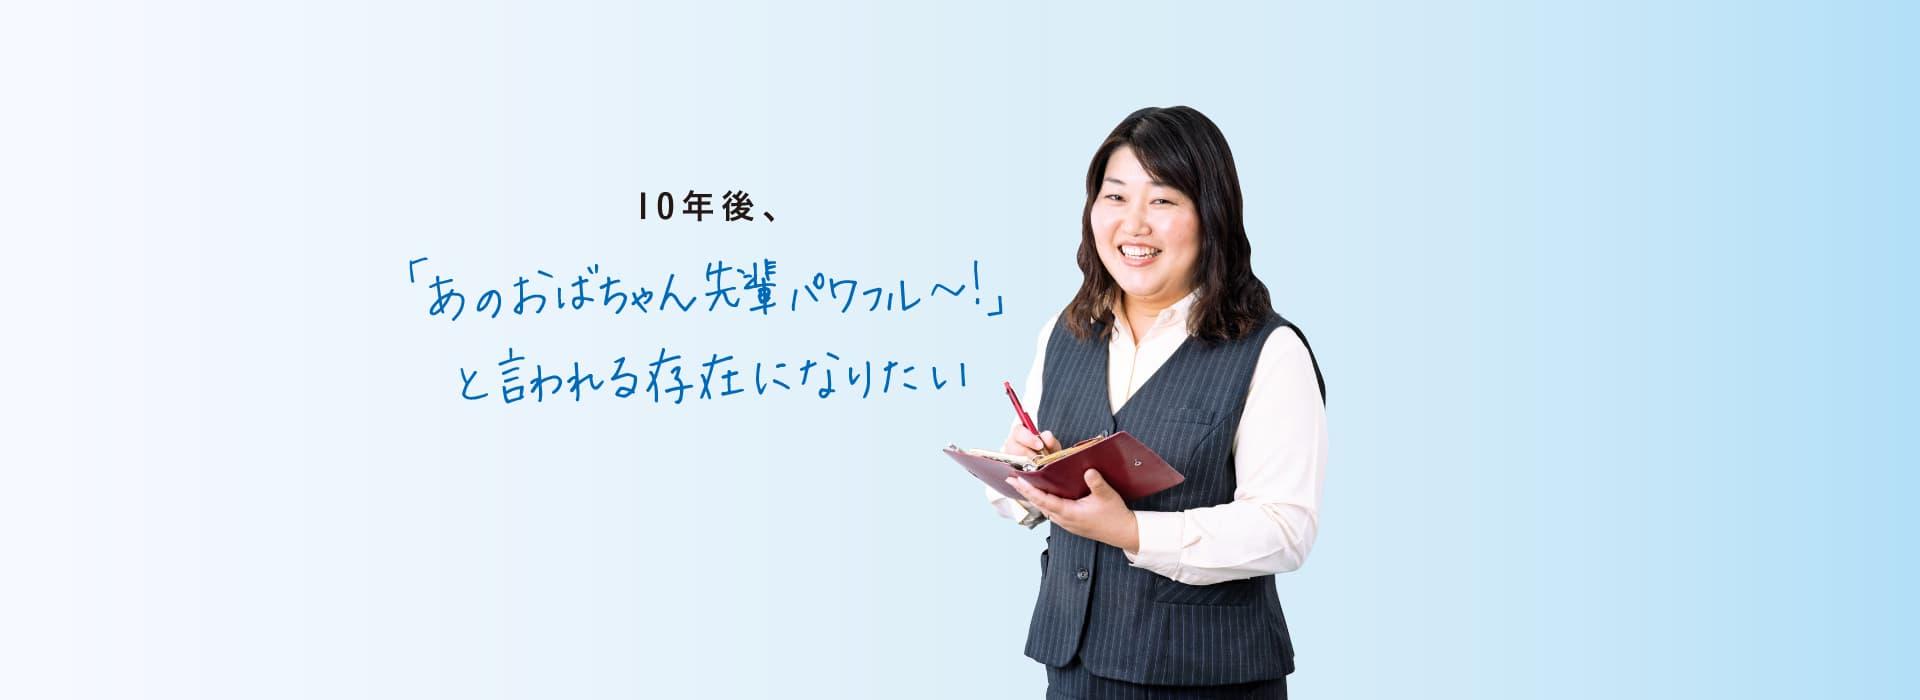 先輩紹介01